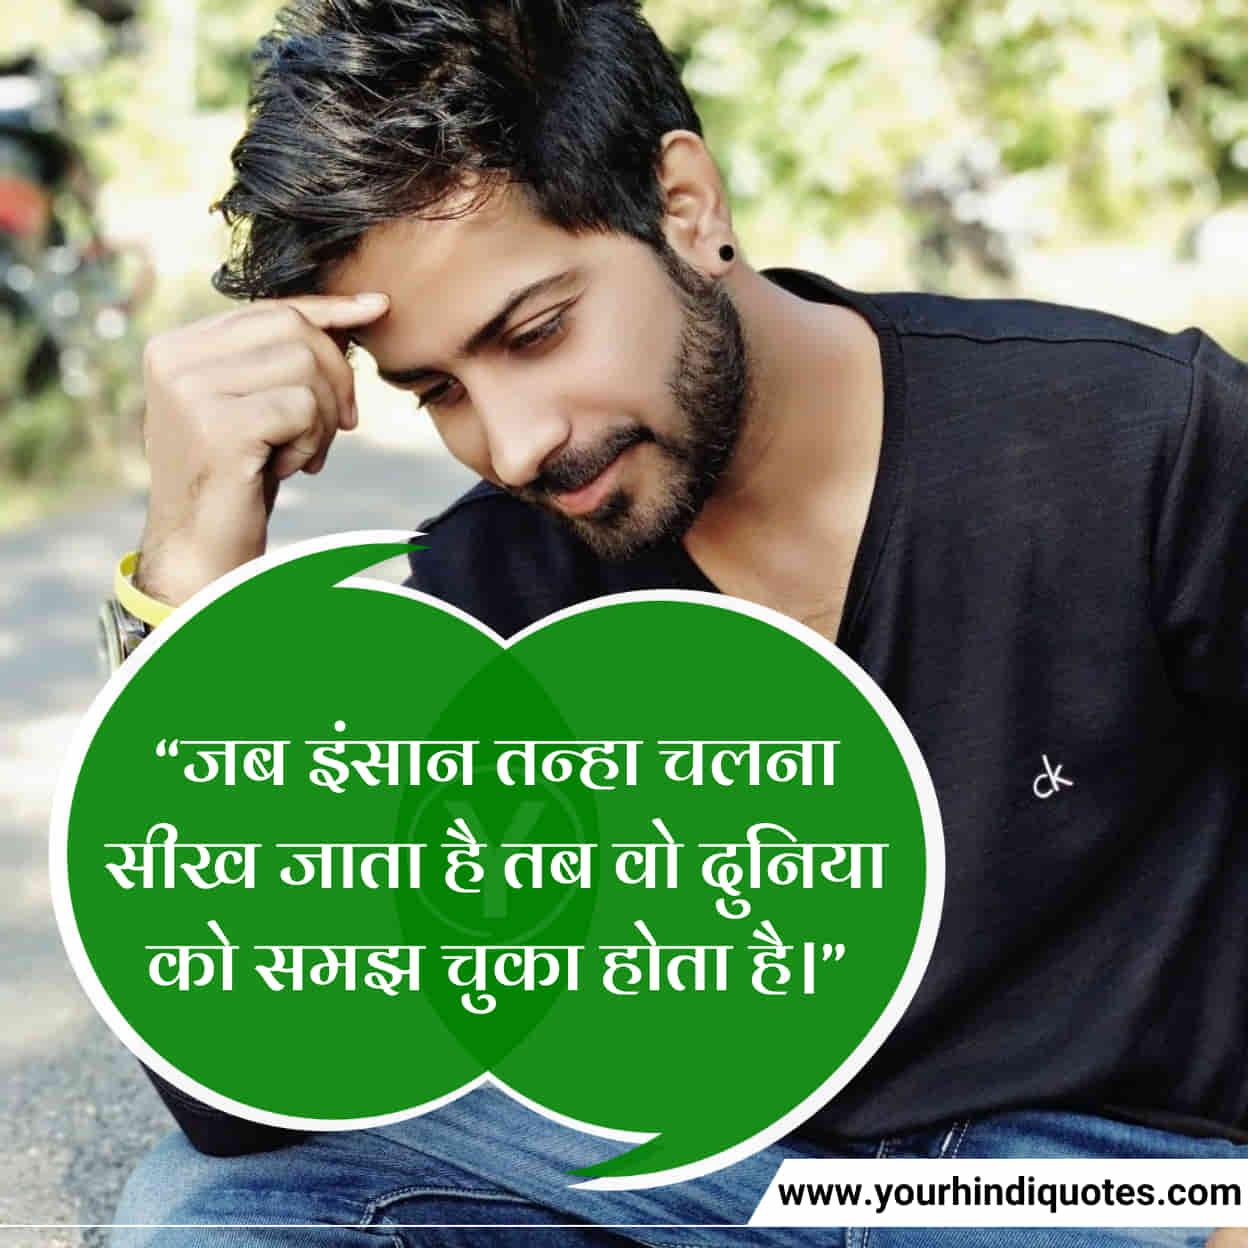 Best Sad Life Quotes